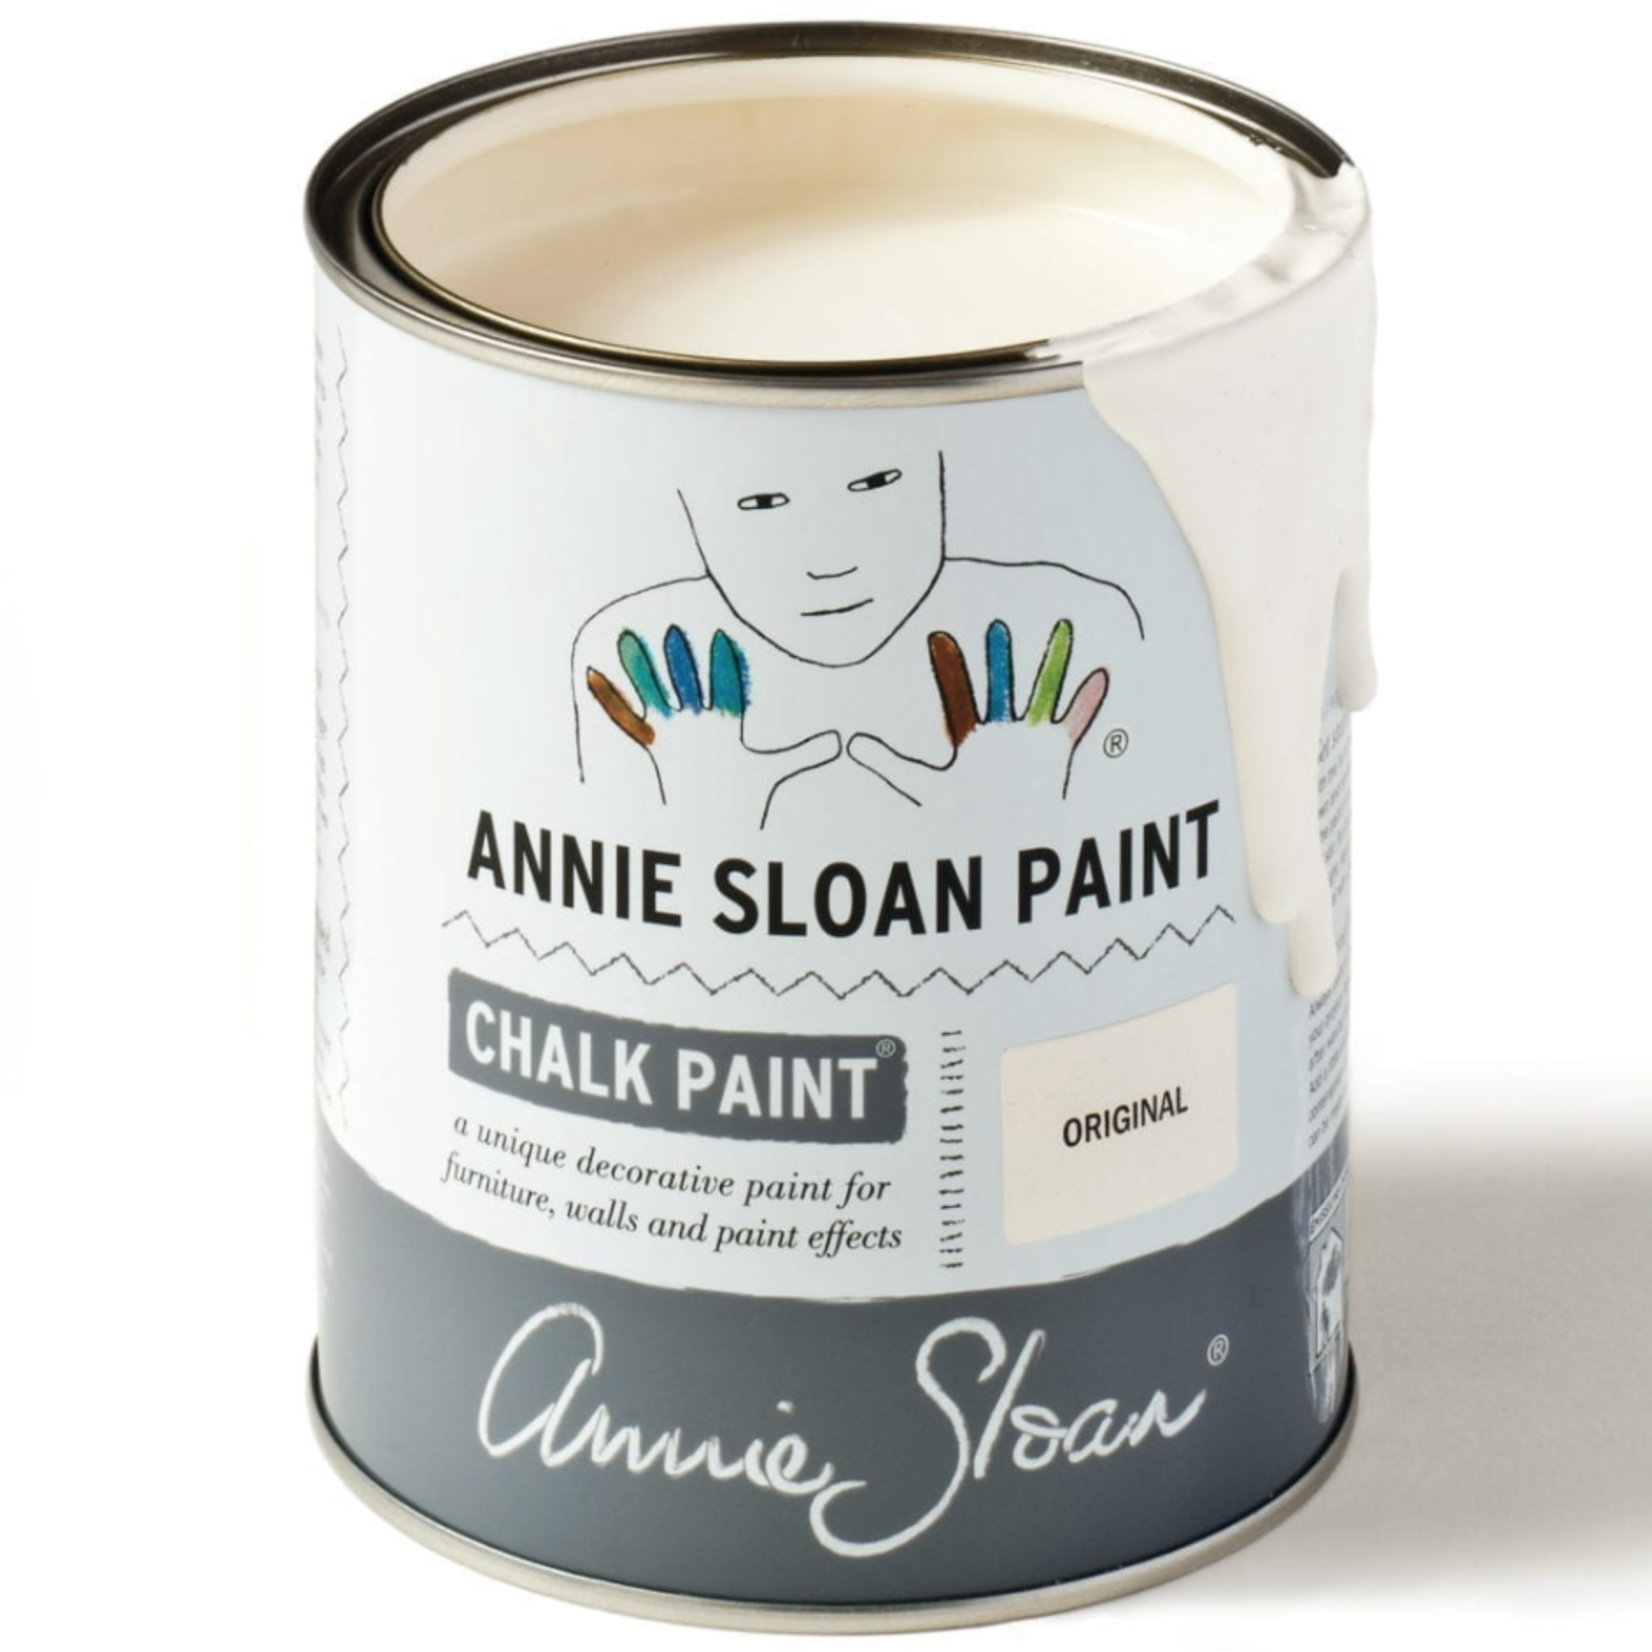 Annie Sloan Annie Sloan Original Chalk Paint